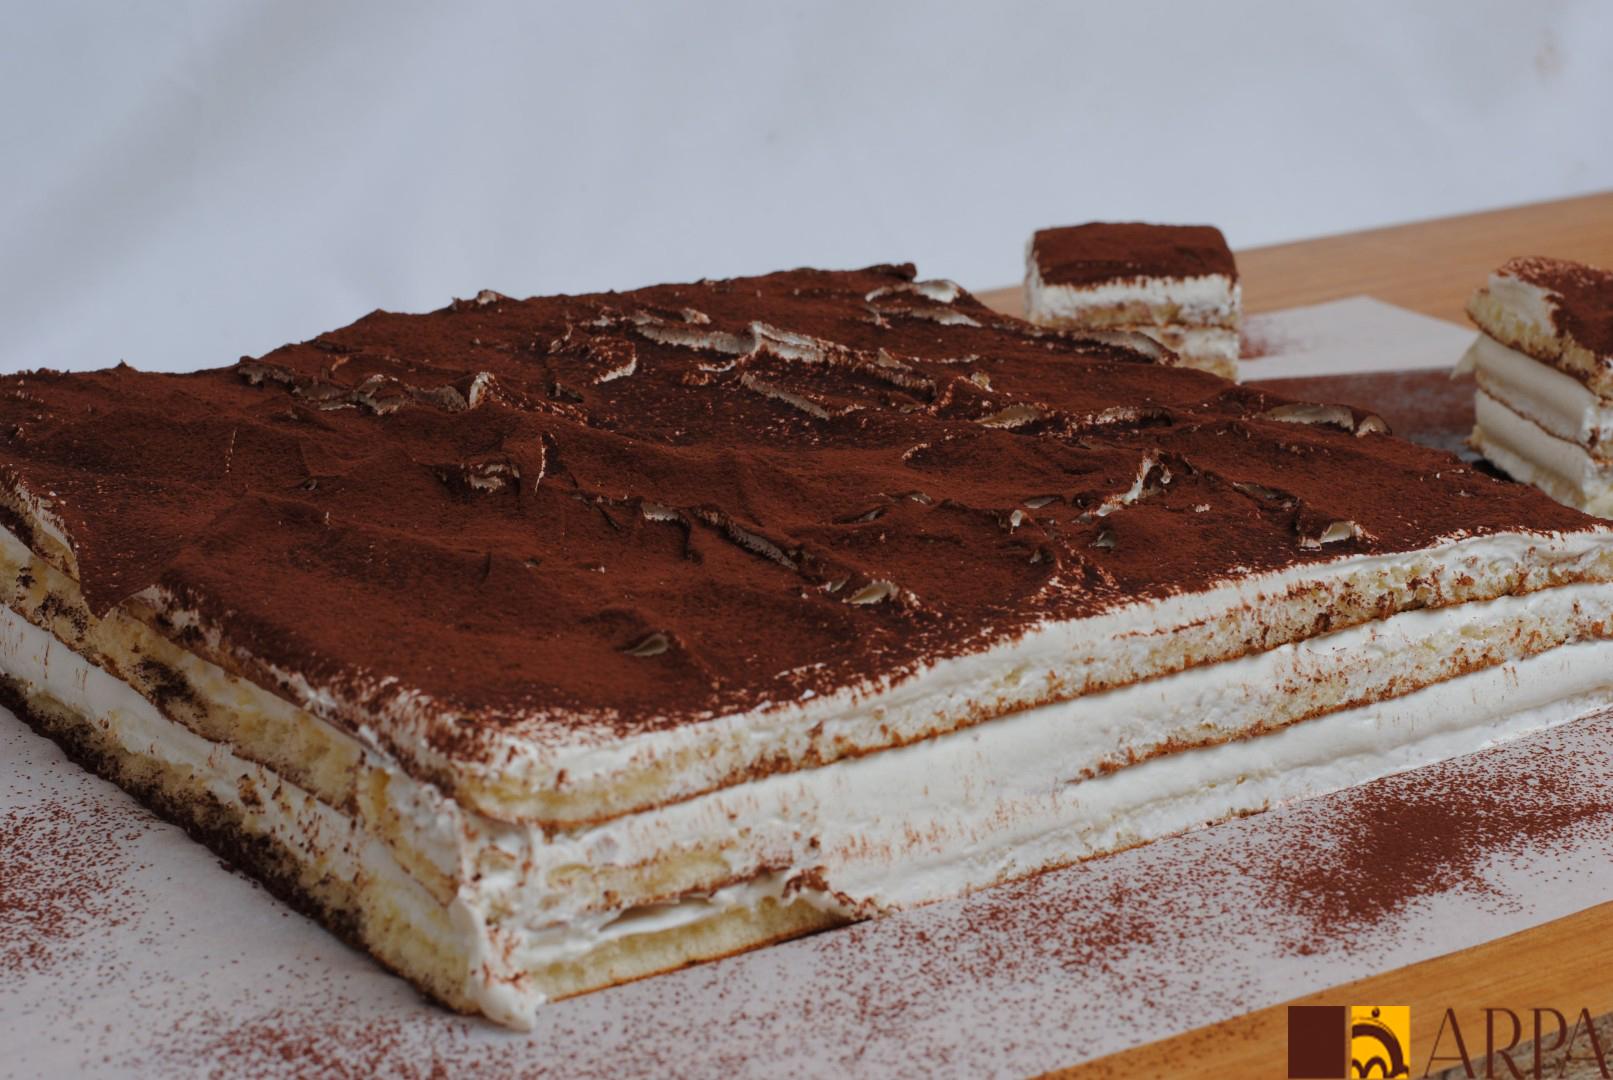 Plancha de tiramisú espolvoreada con cacao en polvo entera y cortada